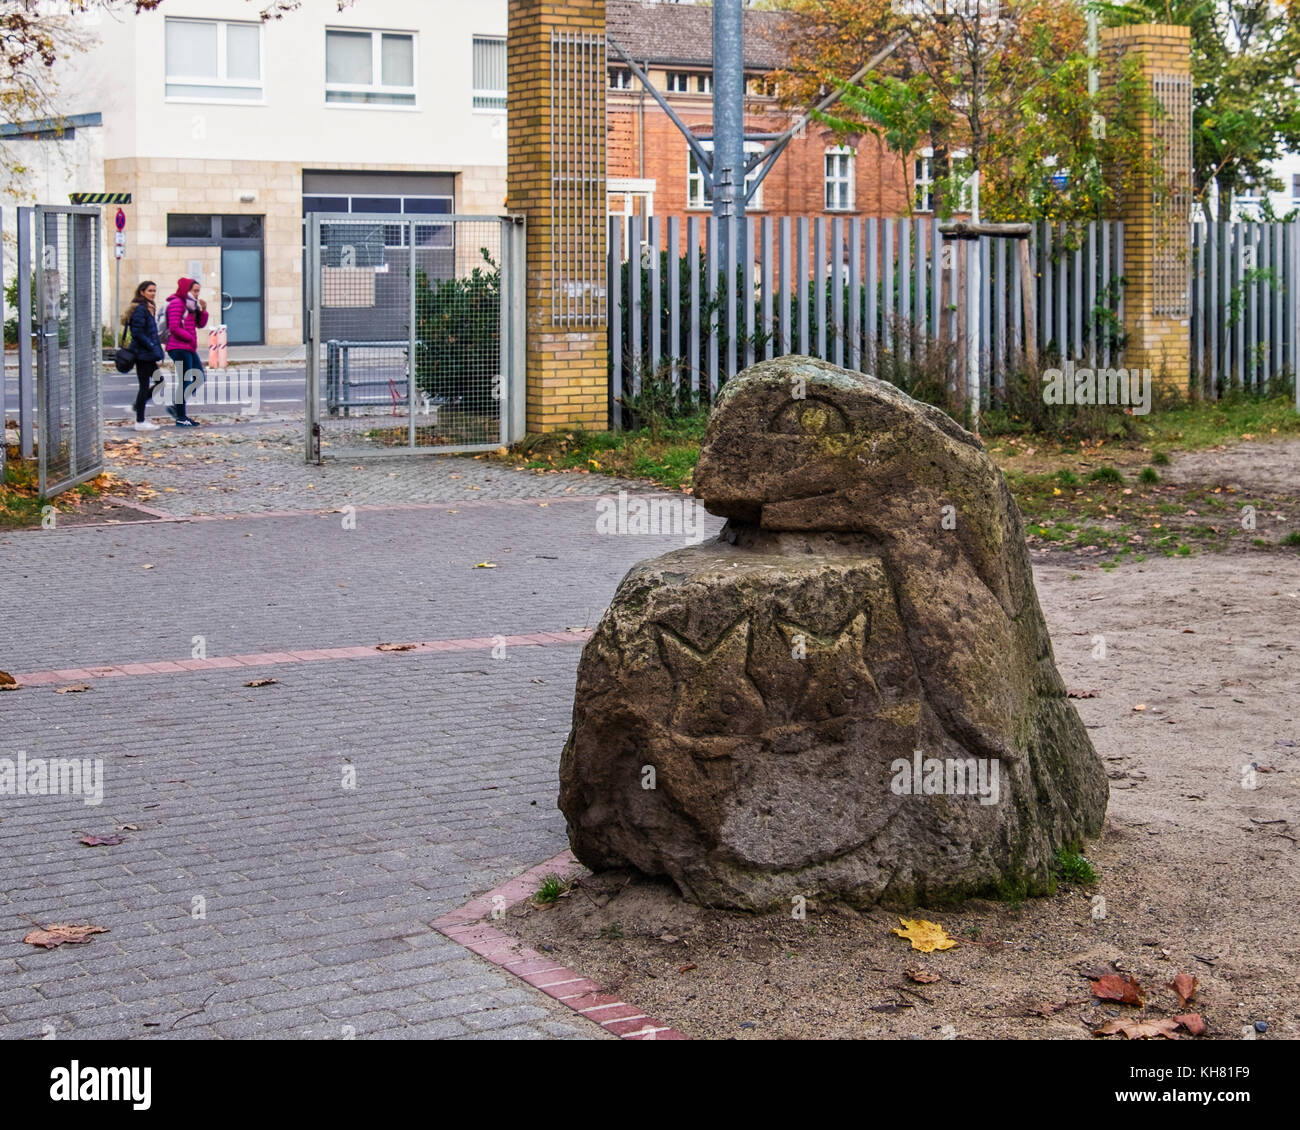 Berlino, Mitte,Tiergarten. La scultura in Allegro scuola elementare motivi Immagini Stock